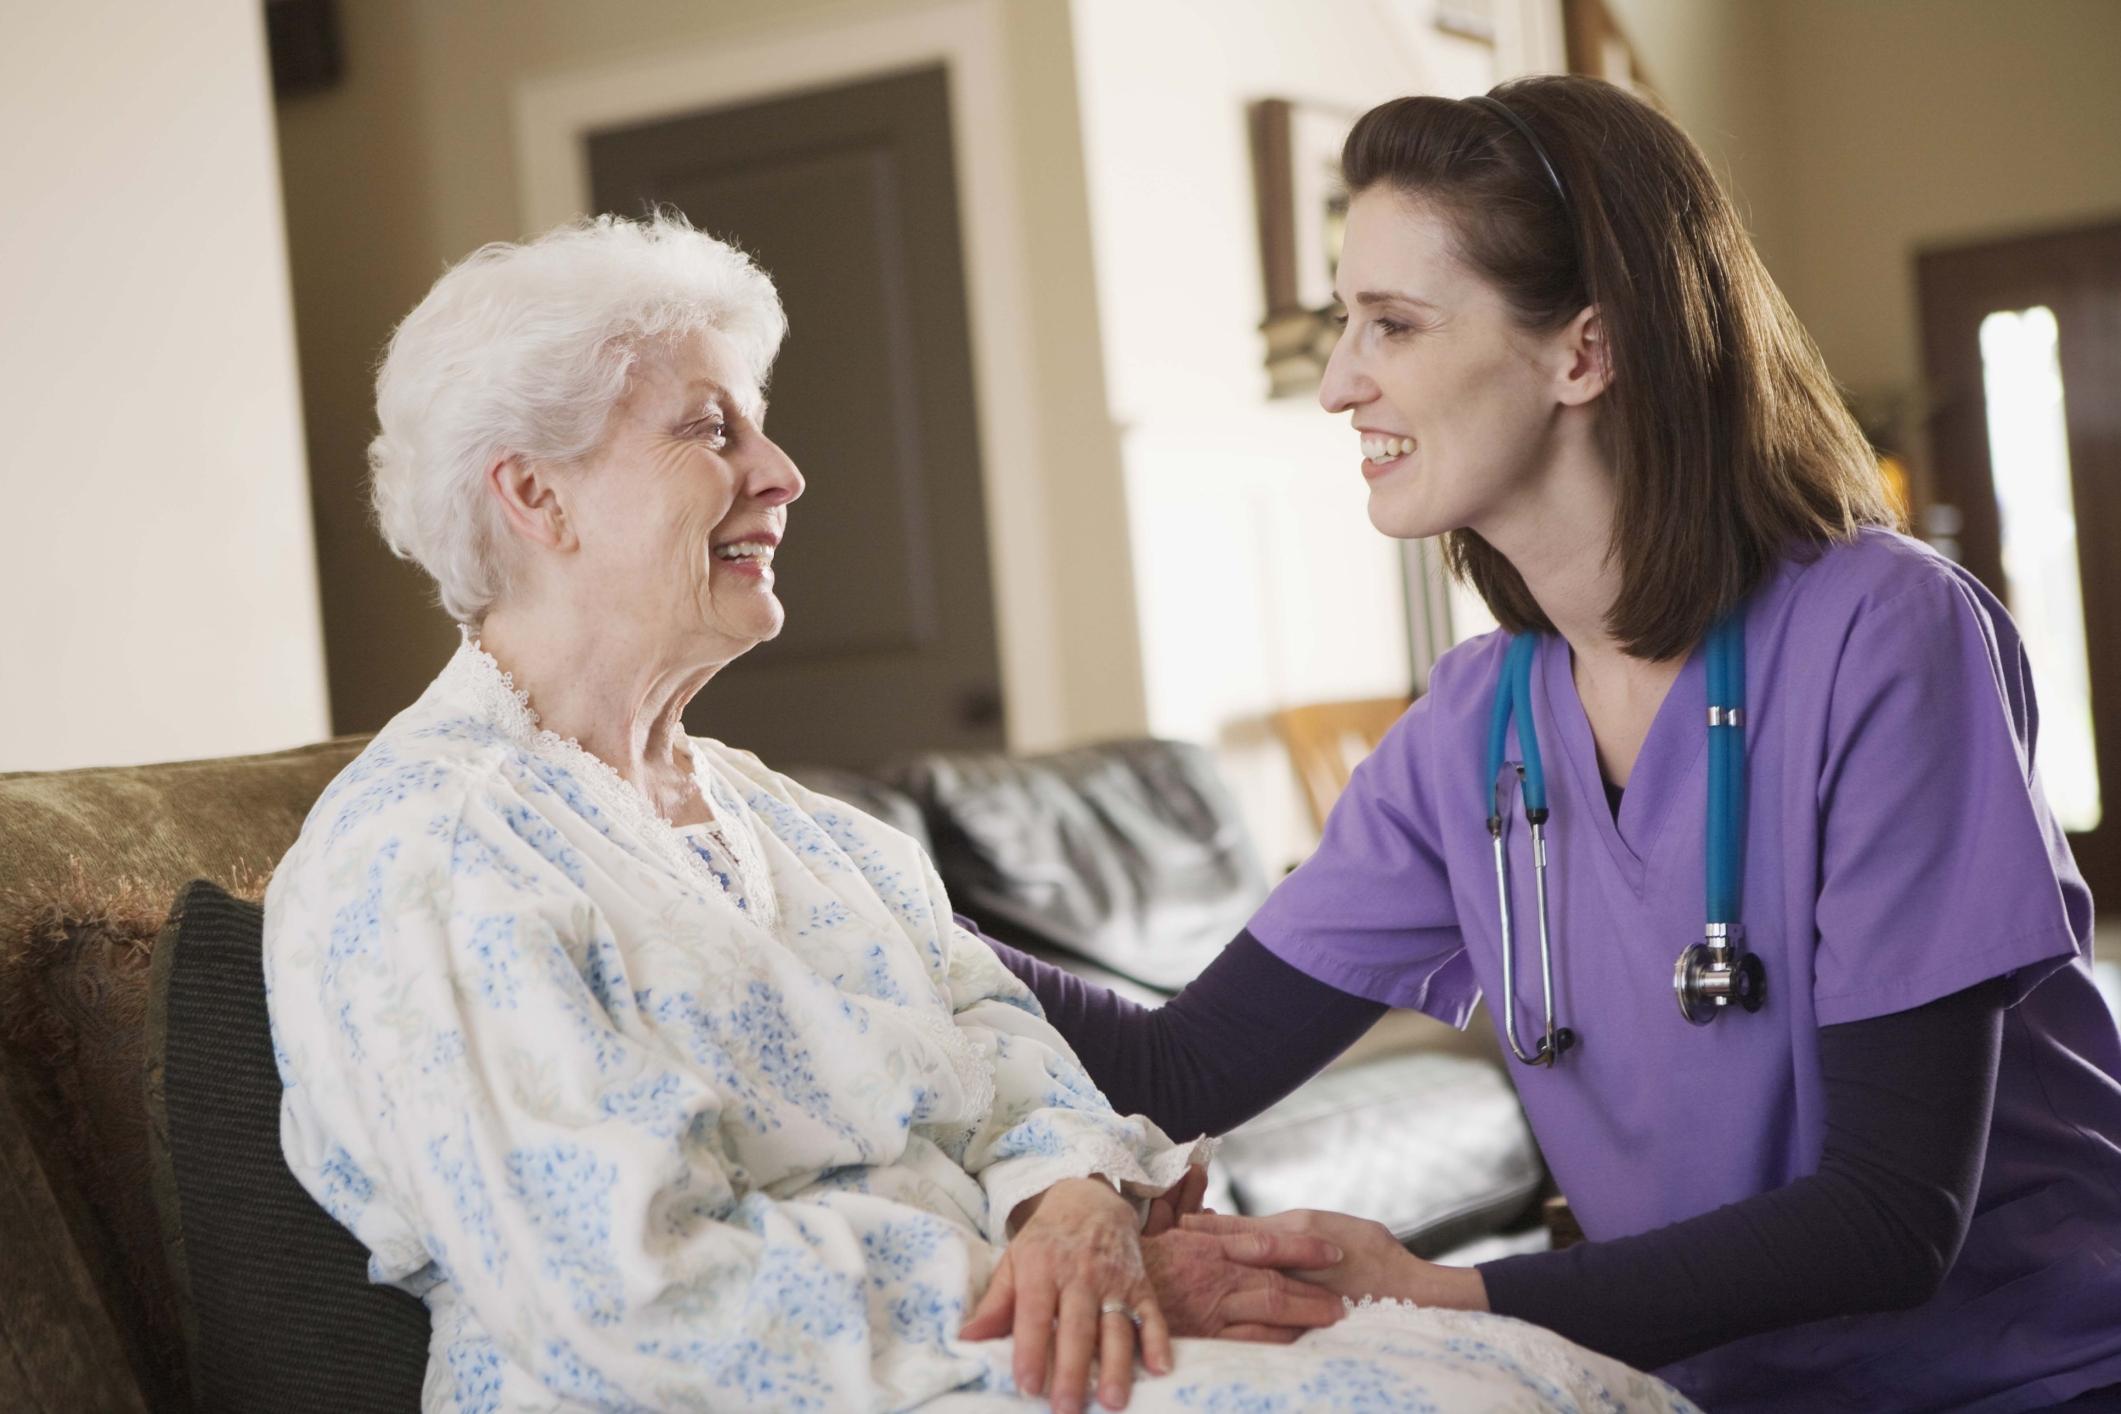 How to Become a Medicare Provider   Small Business - Chron.com